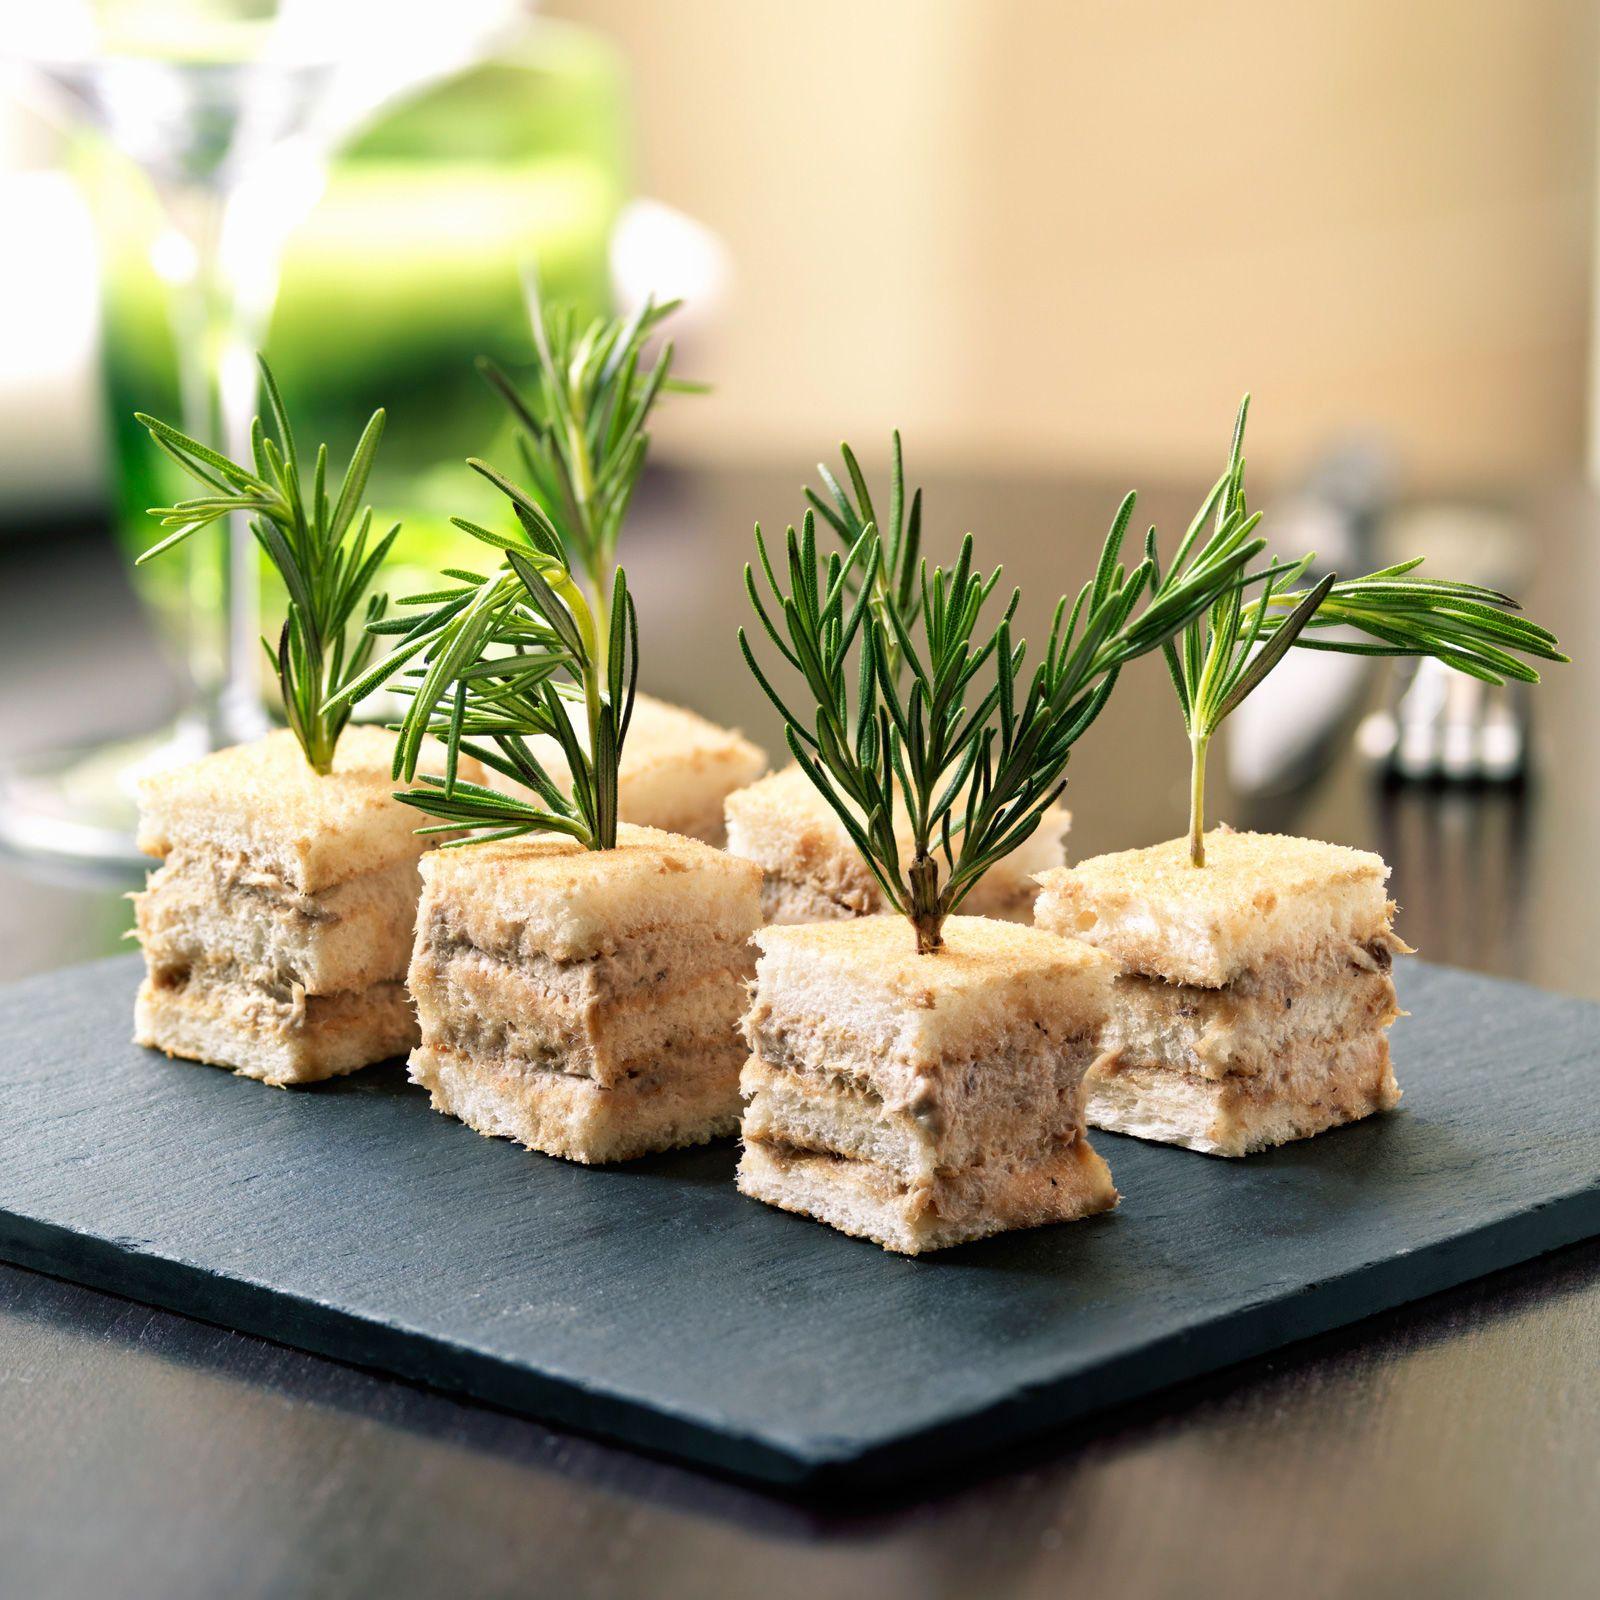 Mini-clubs sandwichs au thon - Recettes | Recette | Sandwich au thon, Recette, Club sandwich